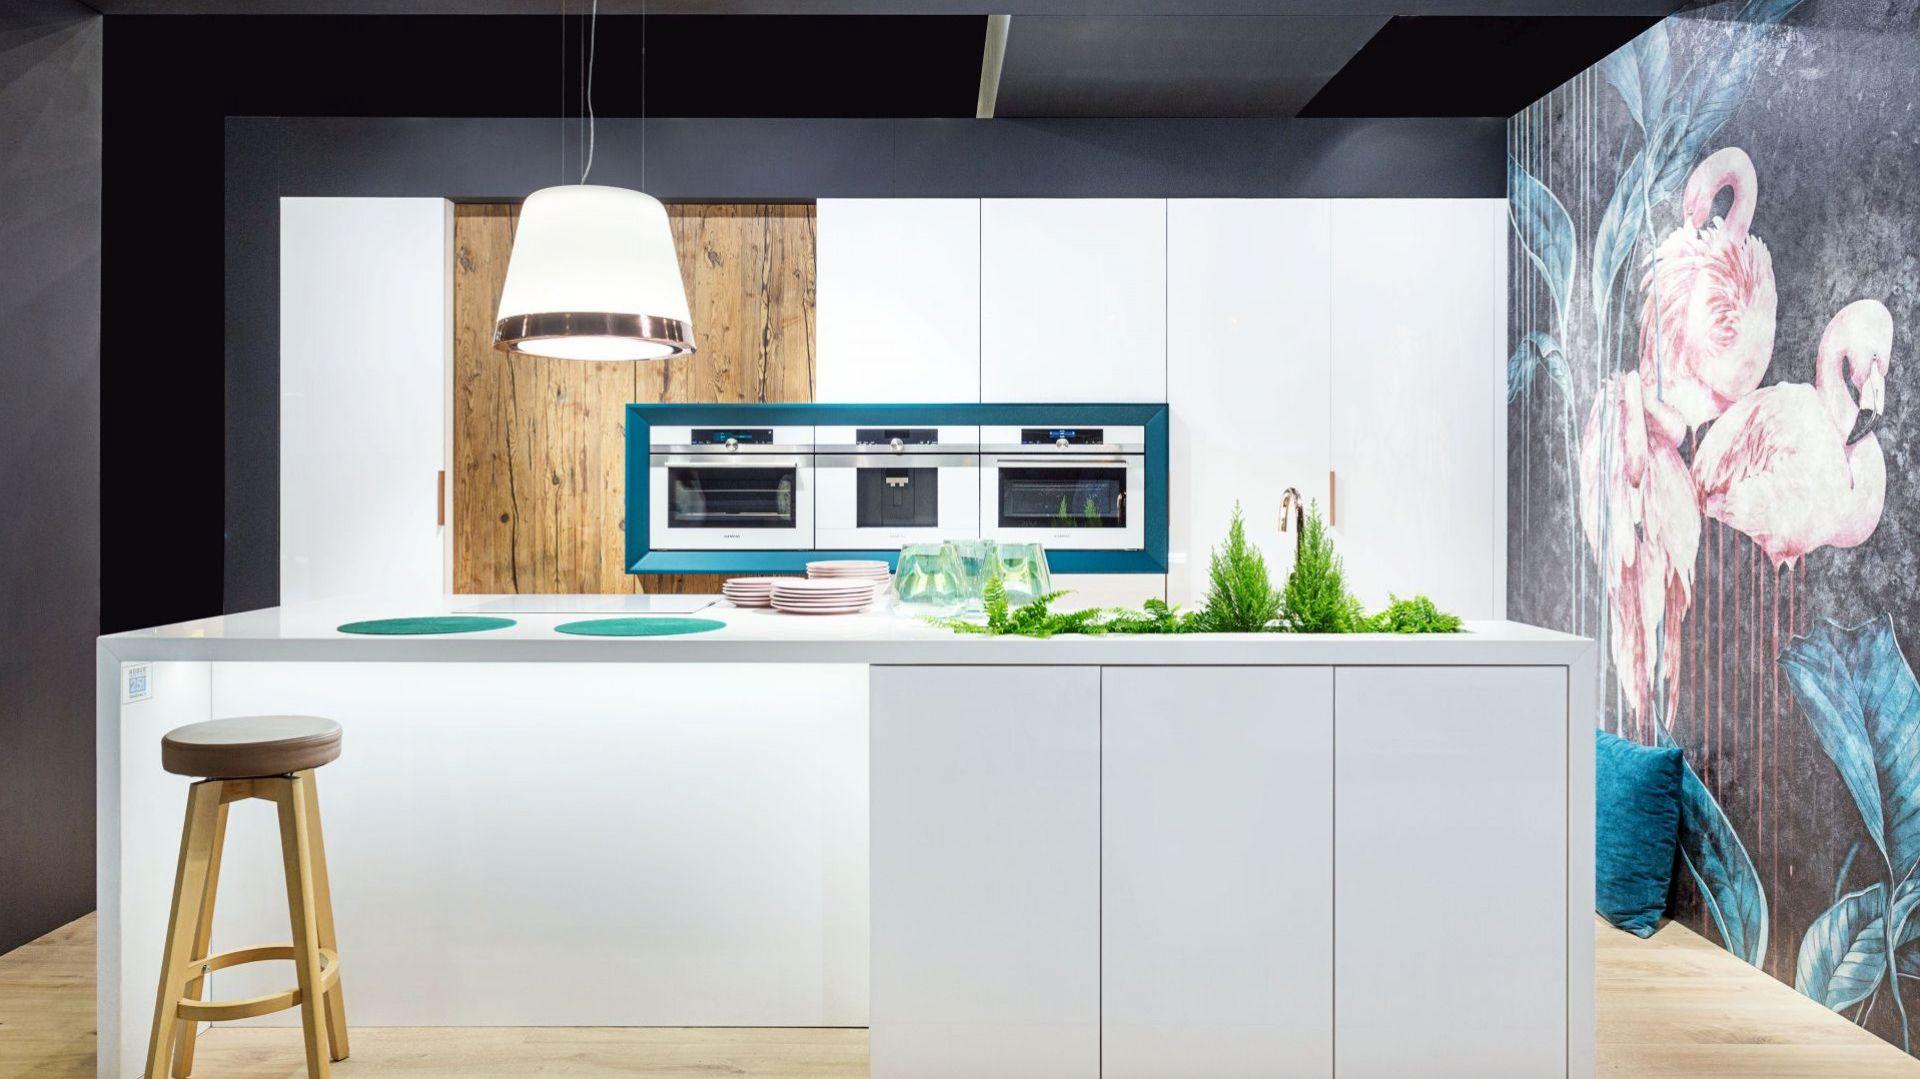 Kuchnia Mingo/Vigo Meble. Produkt zgłoszony do konkursu Dobry Design 2019.